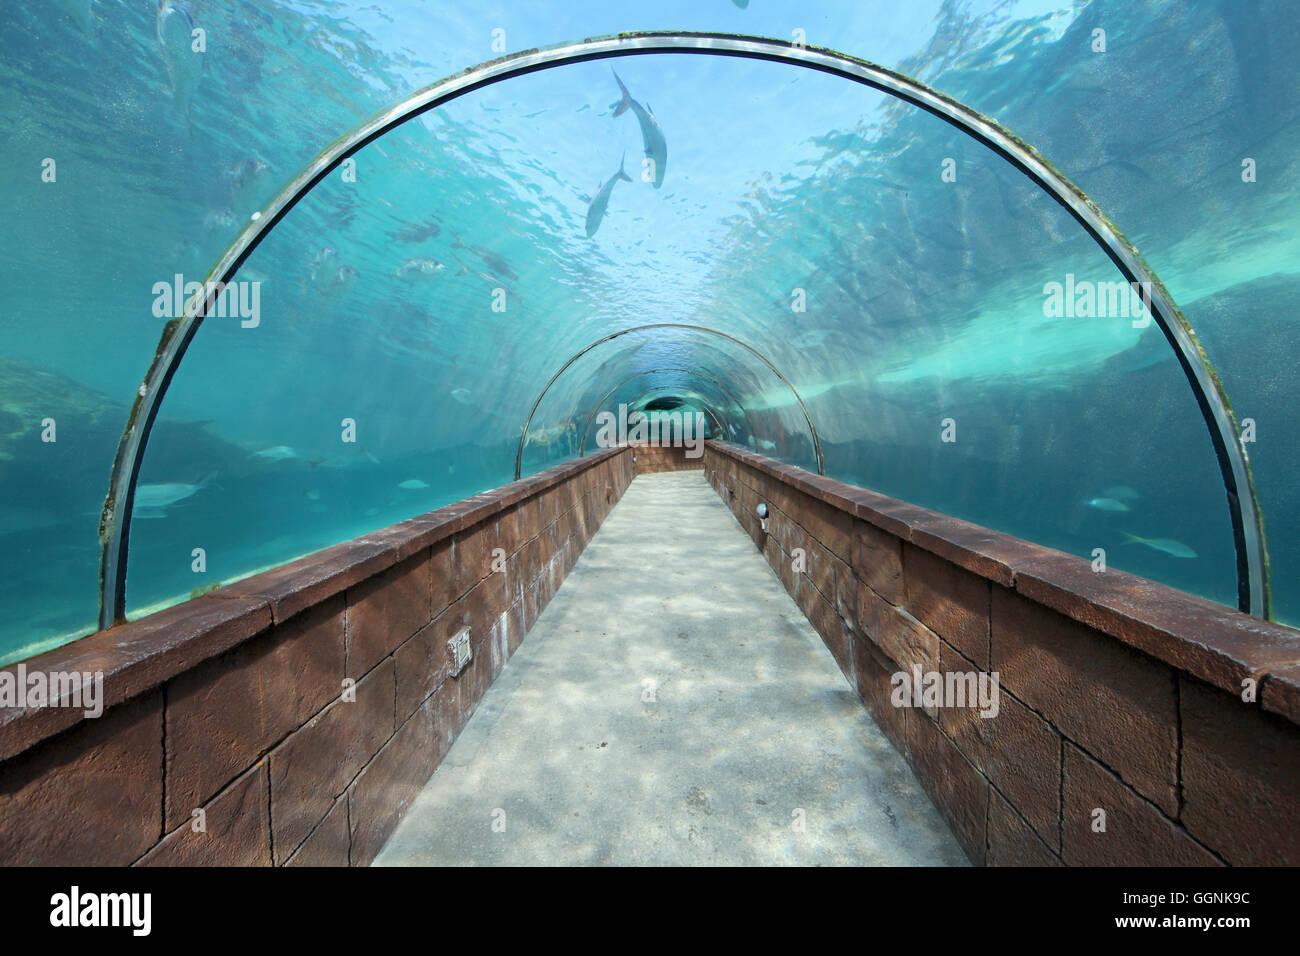 À l'intermédiaire d'un tunnel de l'aquarium avec des poissons Photo Stock